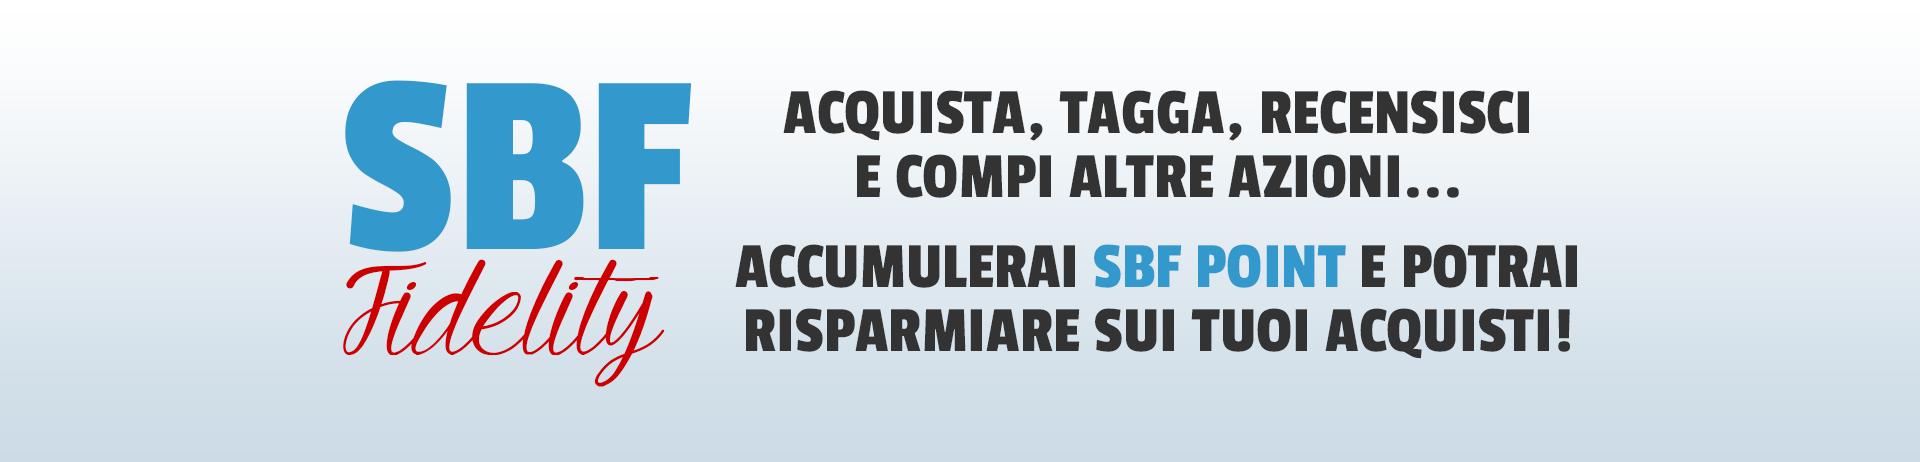 SBF FIDELITY